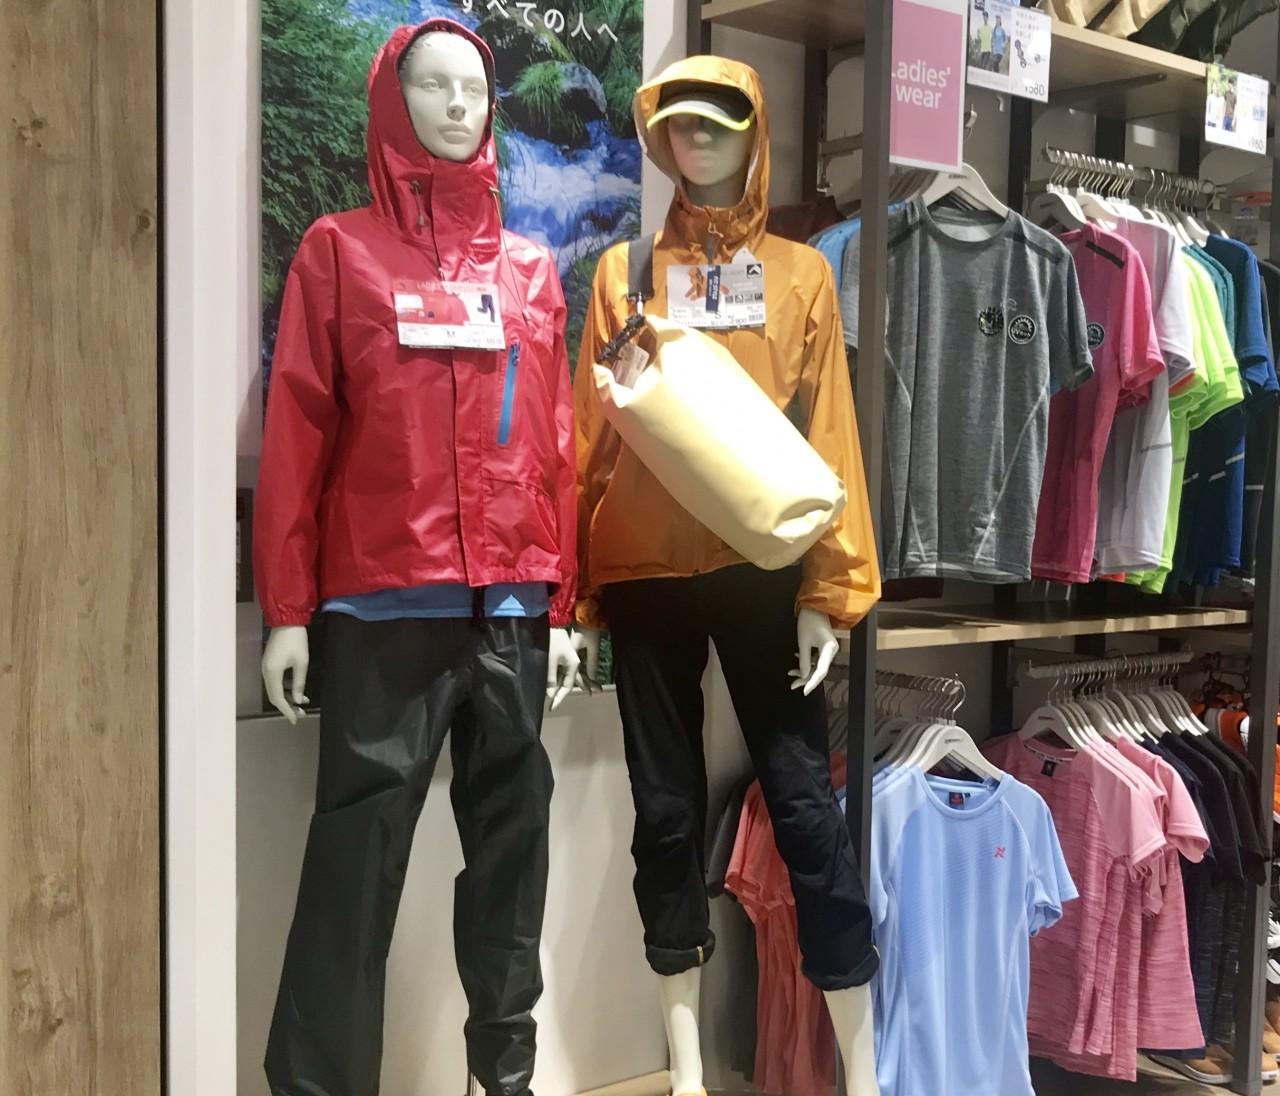 雨カッパ売上No.1【ワークマン(WORKMAN)】人気透湿レインスーツや防水グッズで夏フェスやアウトドアへ行こう!